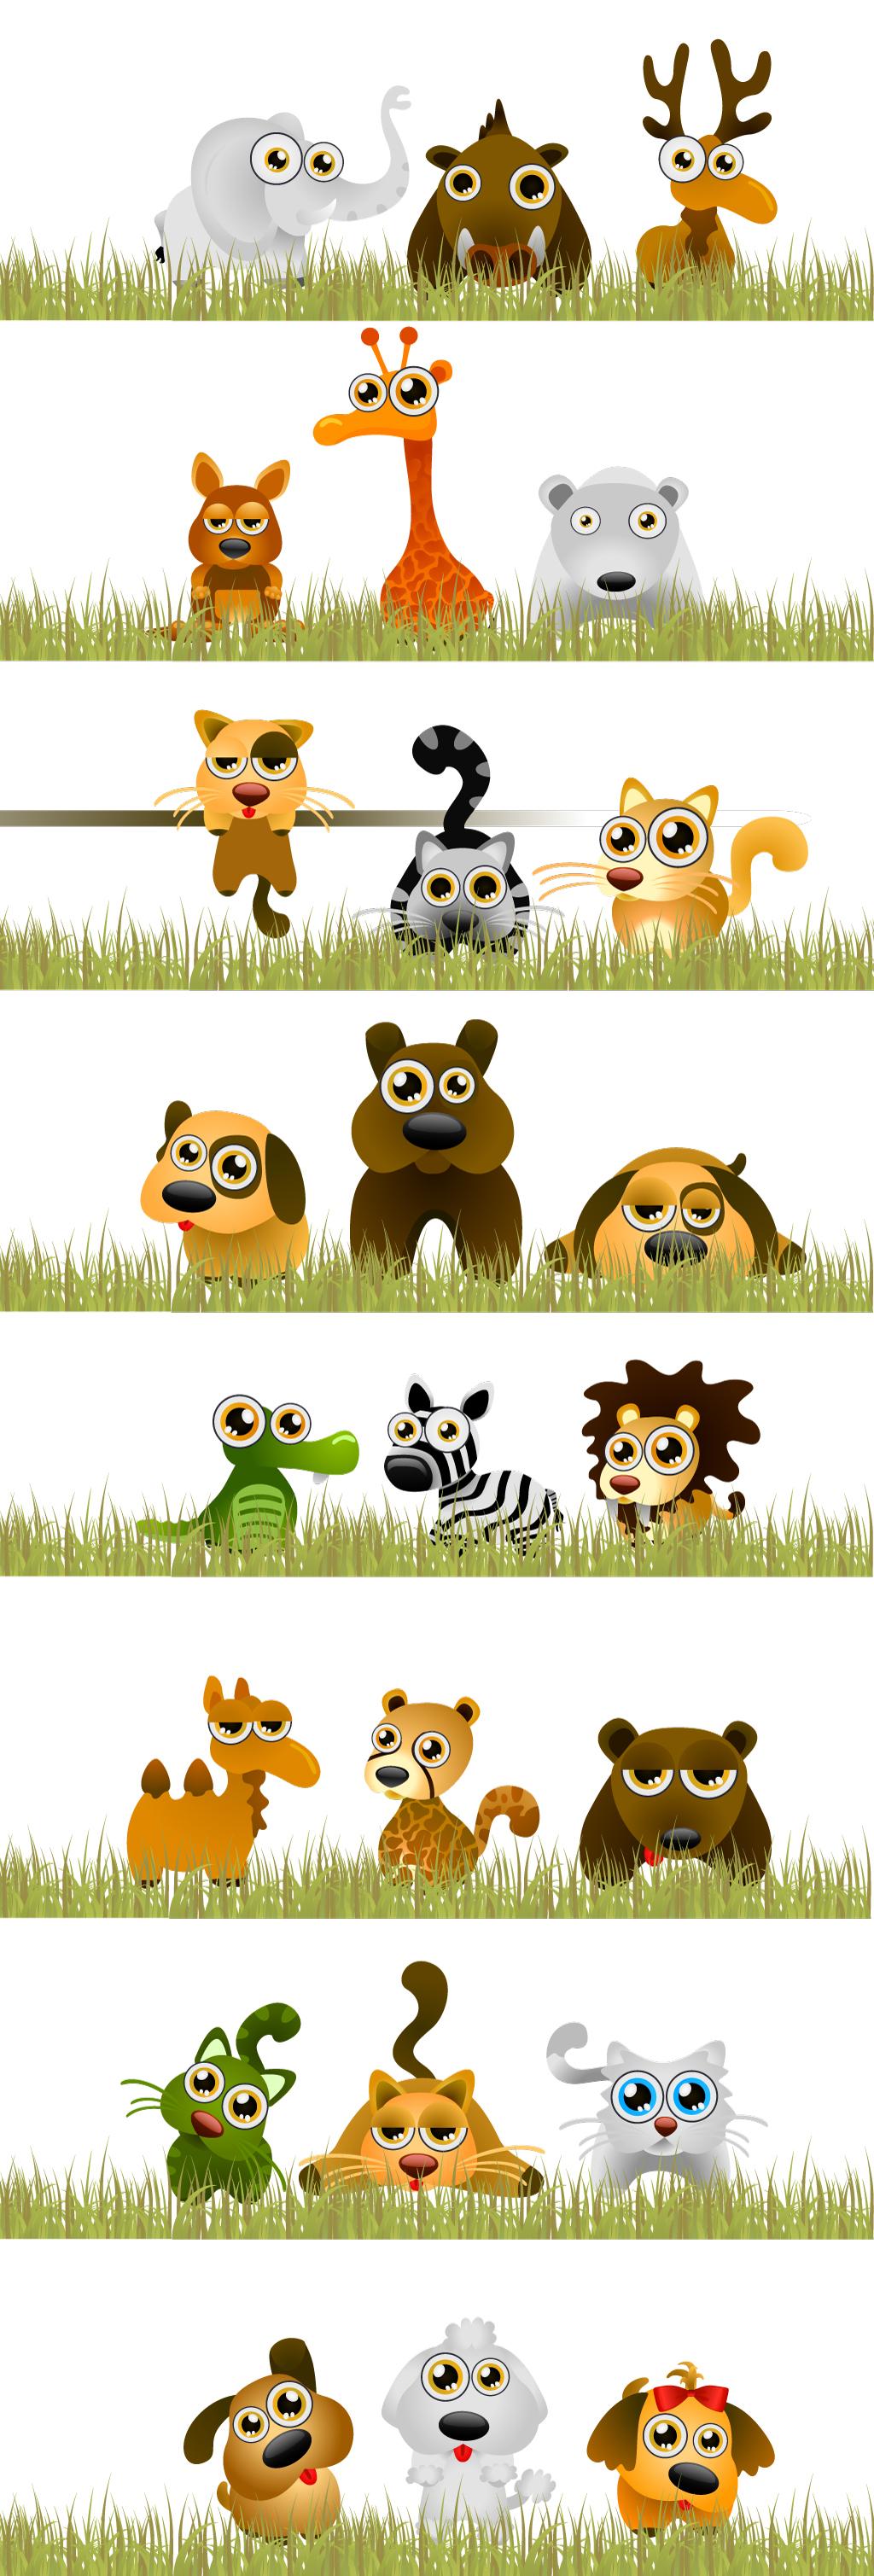 创意手绘卡通动物集合矢量素材草地大象